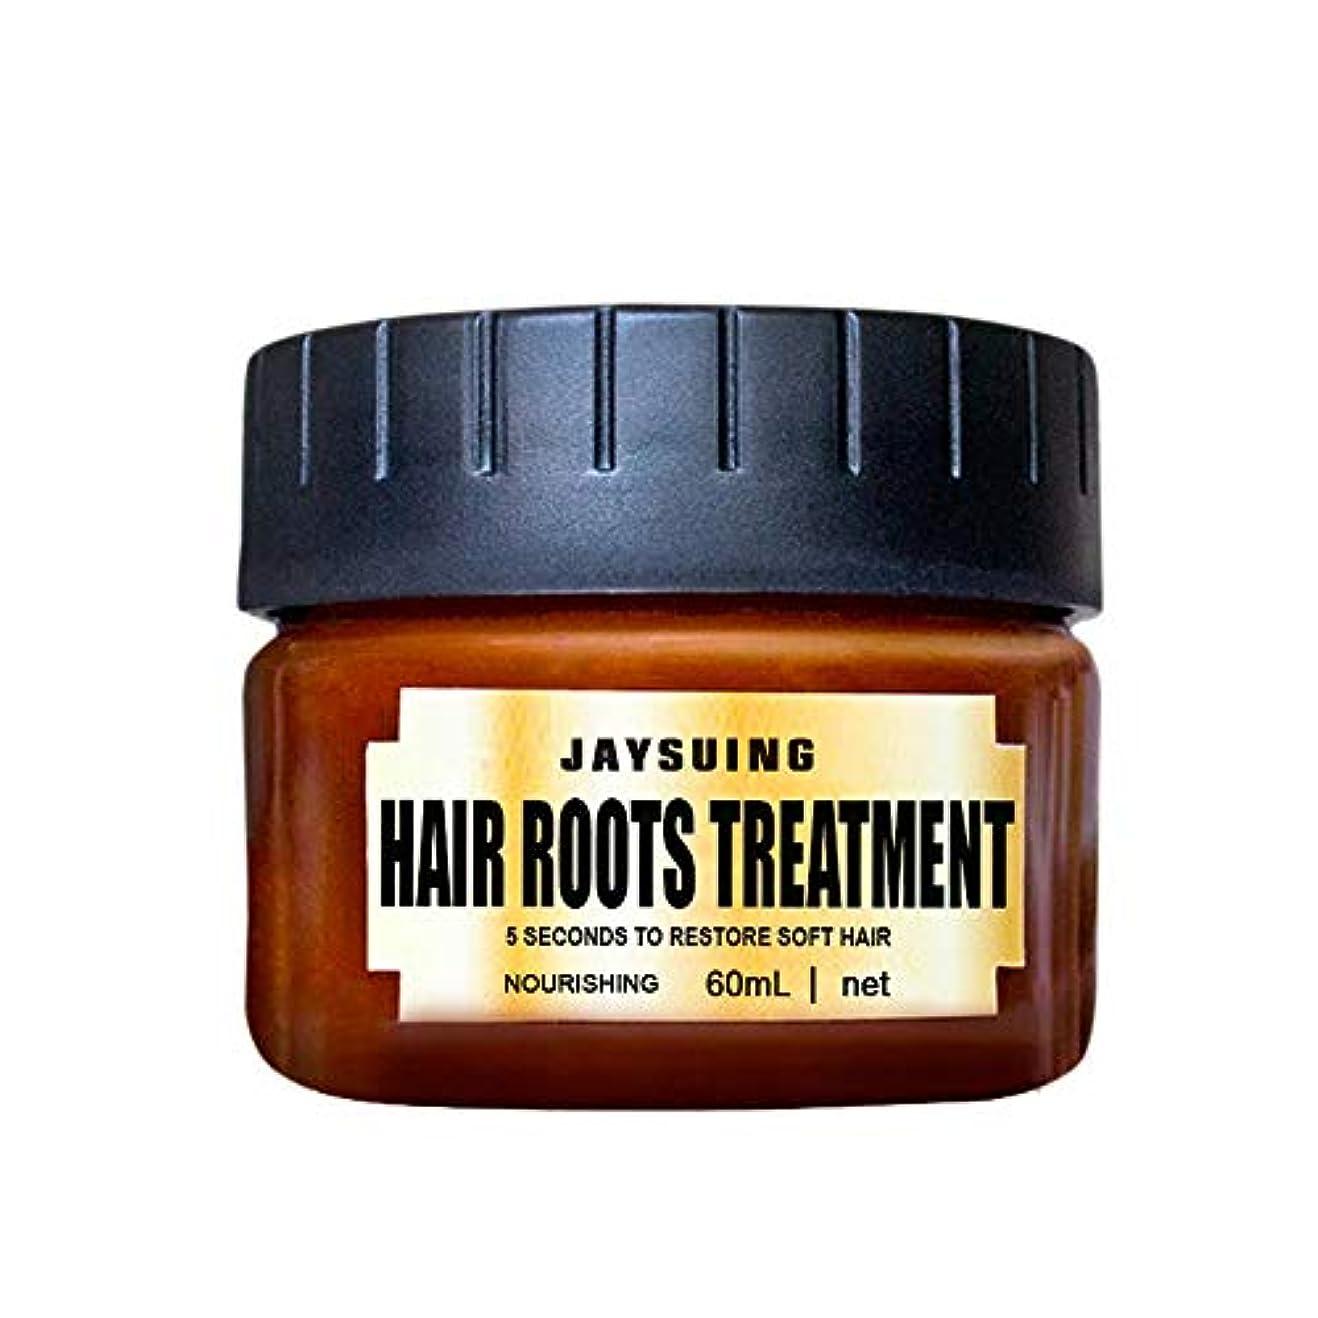 動員するパスポートそうでなければDOUJI天然植物成分 ヘアケア リッチリペア コンディショナー60mlダメージのある髪へ 髪の排毒ヘアマスク高度な分子毛根治療回復 髪の栄養素を補給トリートメント